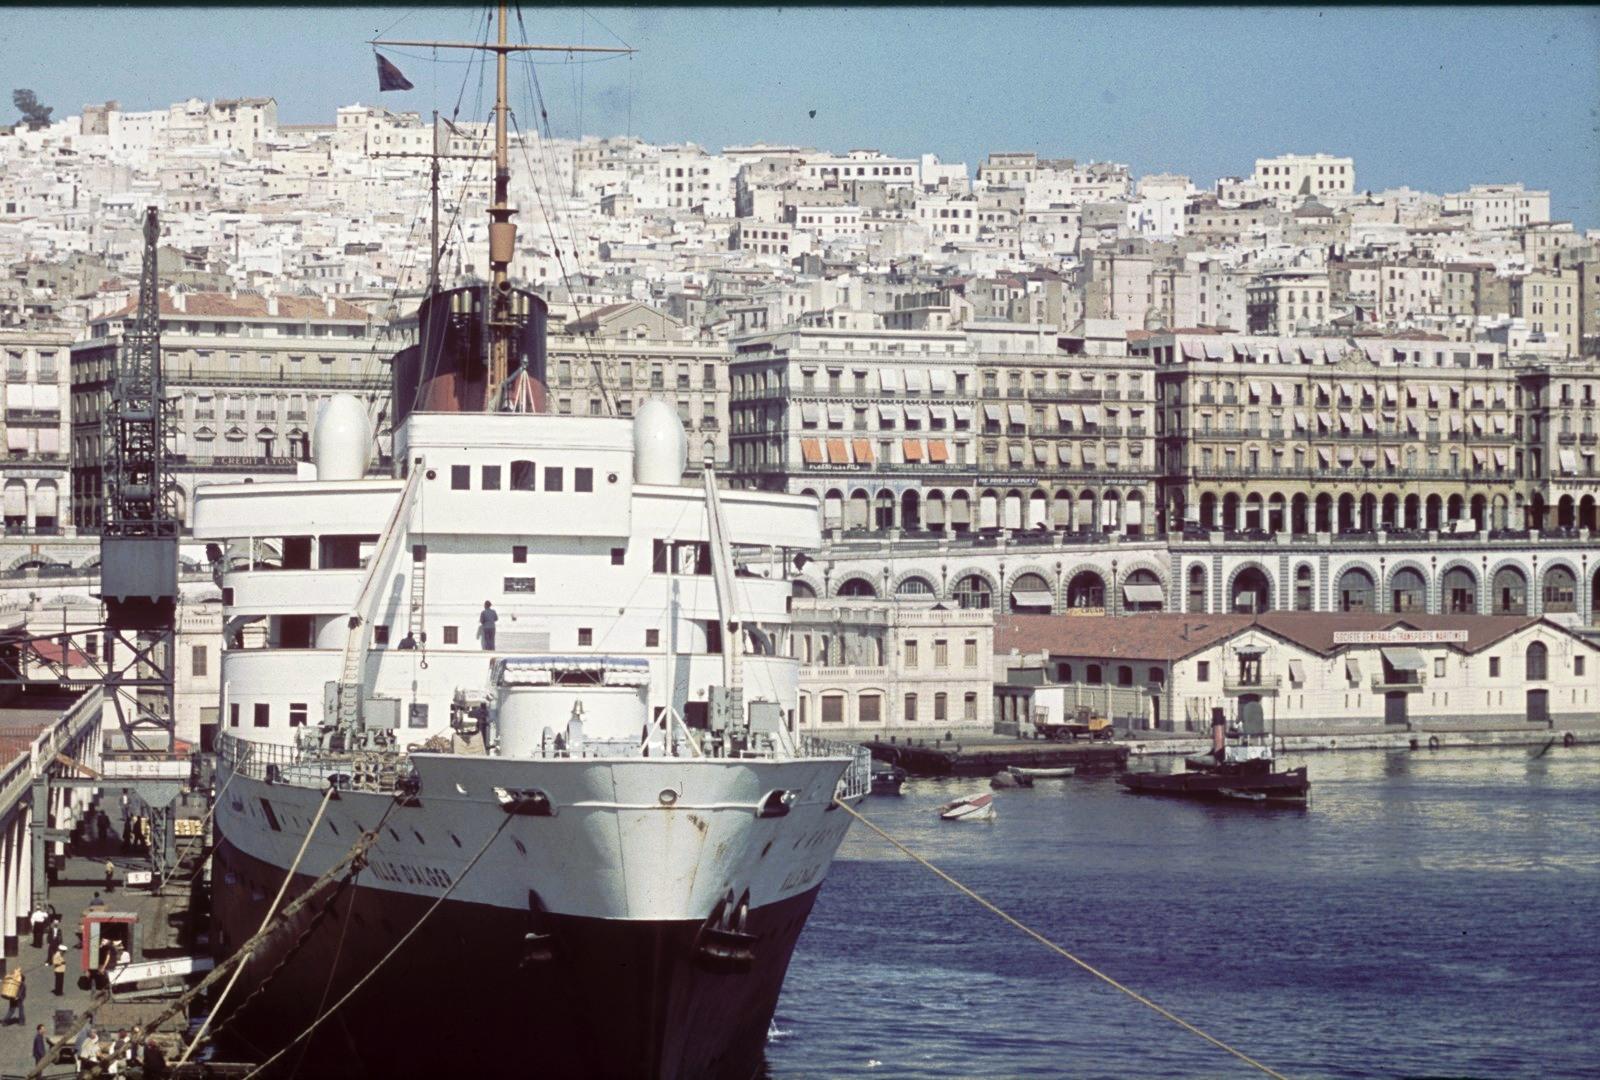 Гавань. Вид города с пассажирского судна